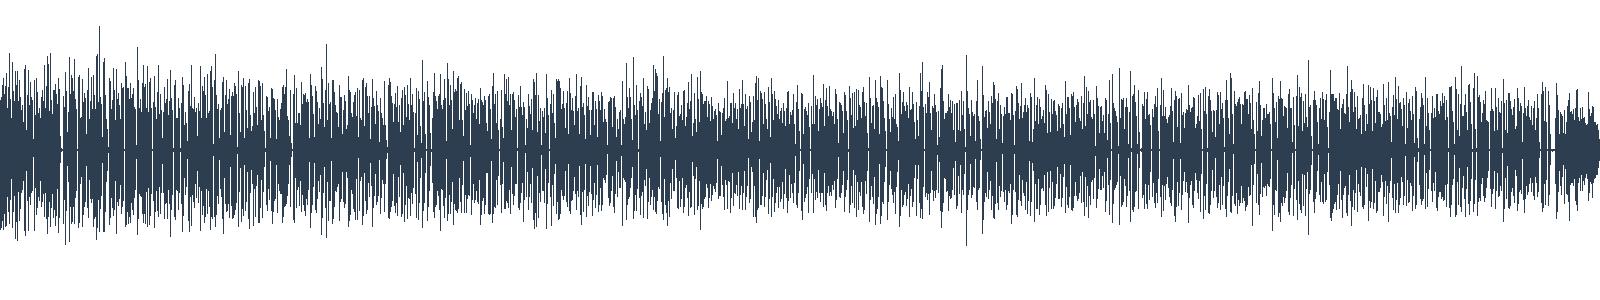 Historie NETFLIXu 1. část waveform